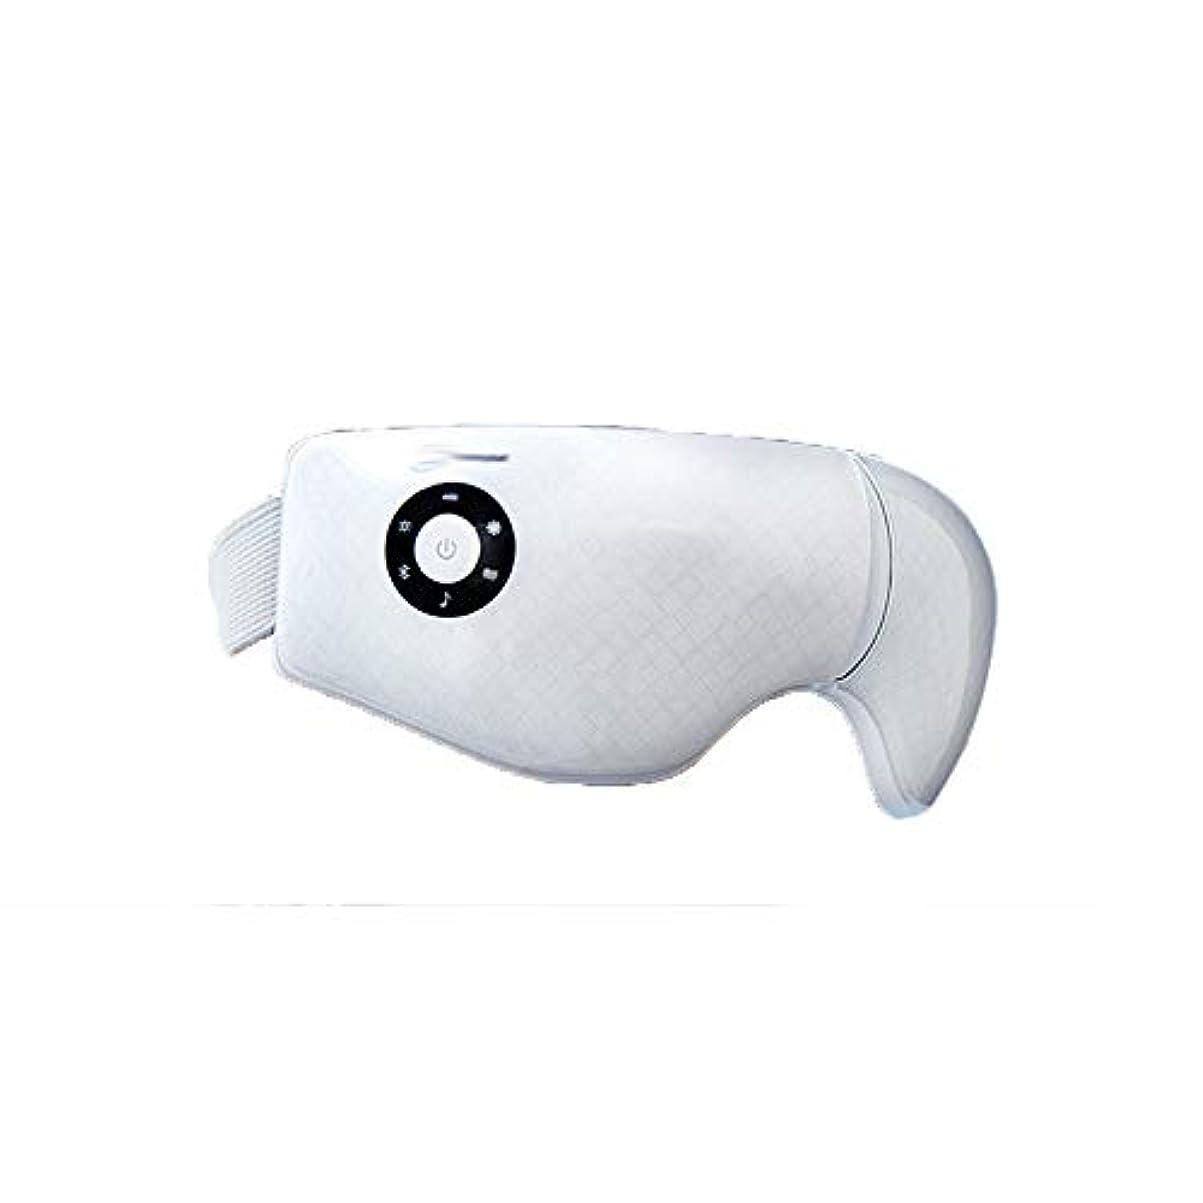 フィードバックアーク固めるマッサージャー - マッサージャーは、黒丸を回復するために近視をホット圧縮します (Color : White)